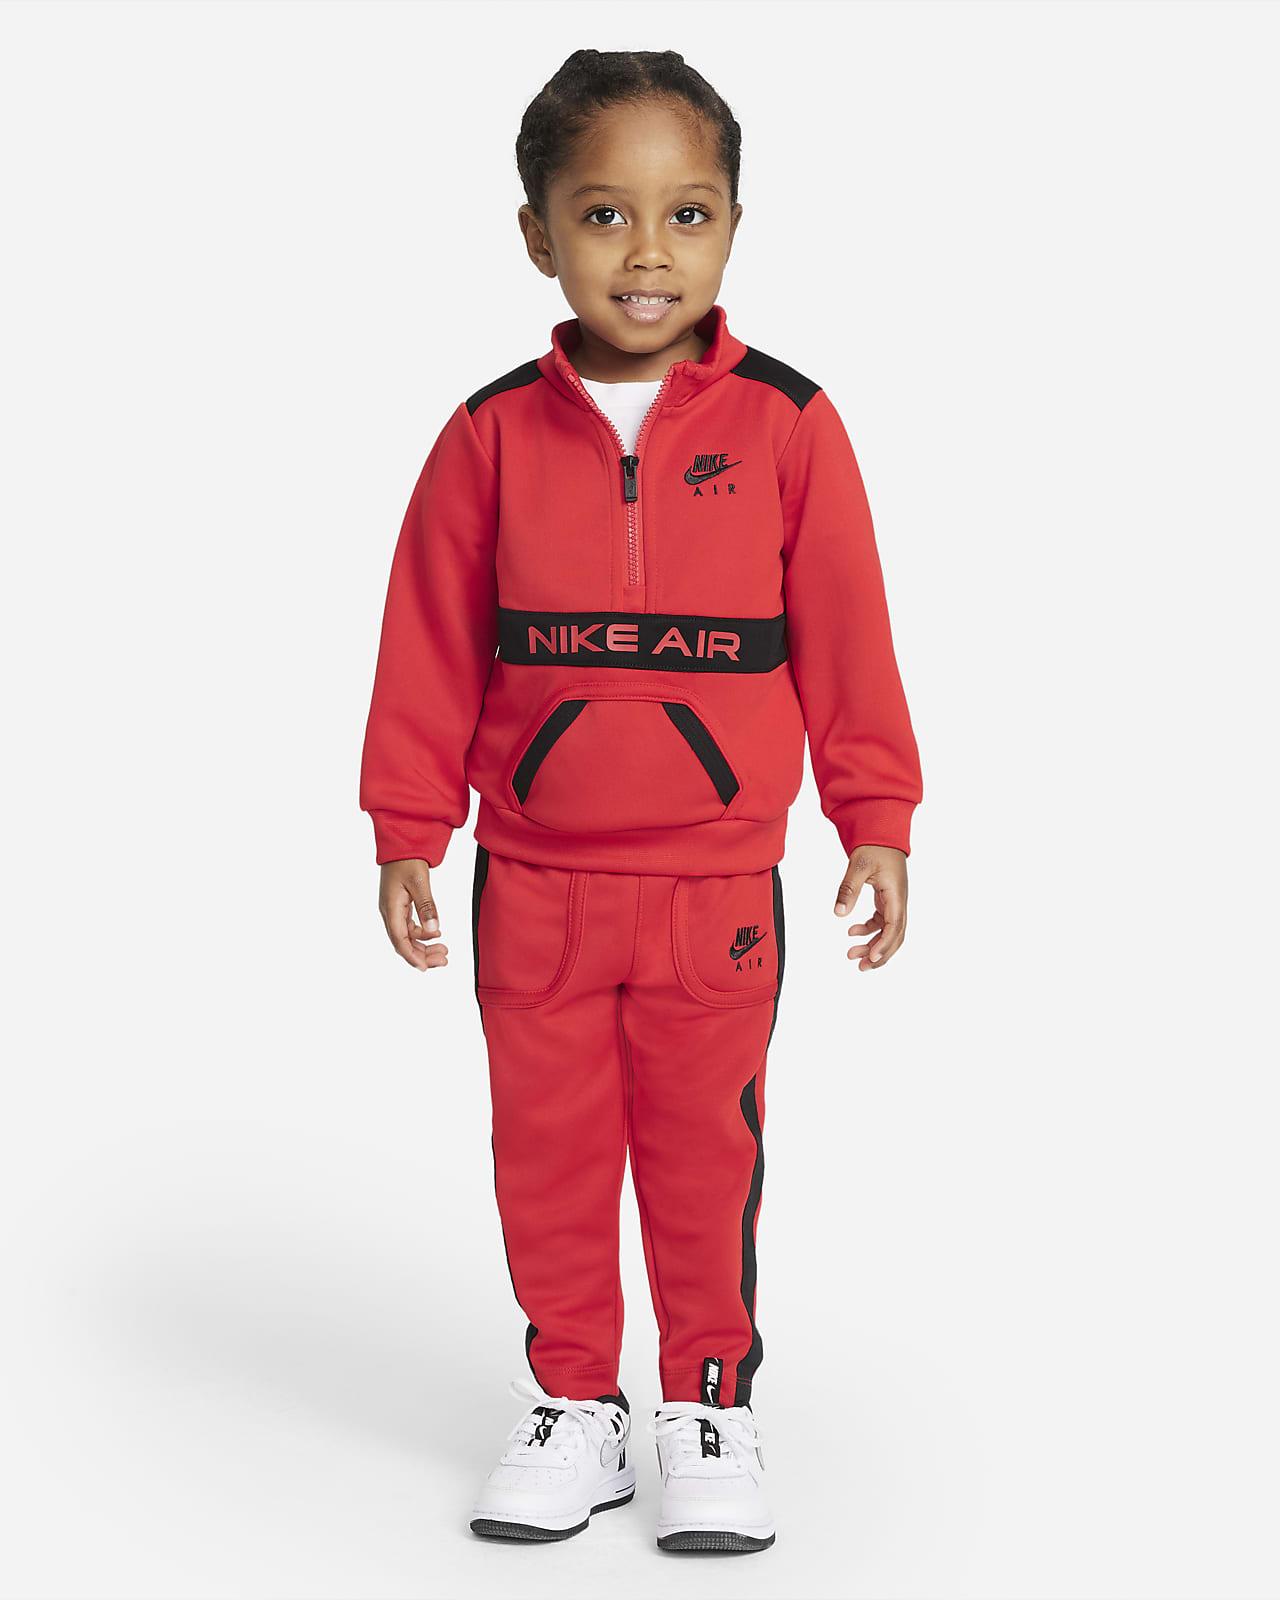 Ensemble haut et pantalon de jogging Nike Air pour Bébé (12 - 24 mois)